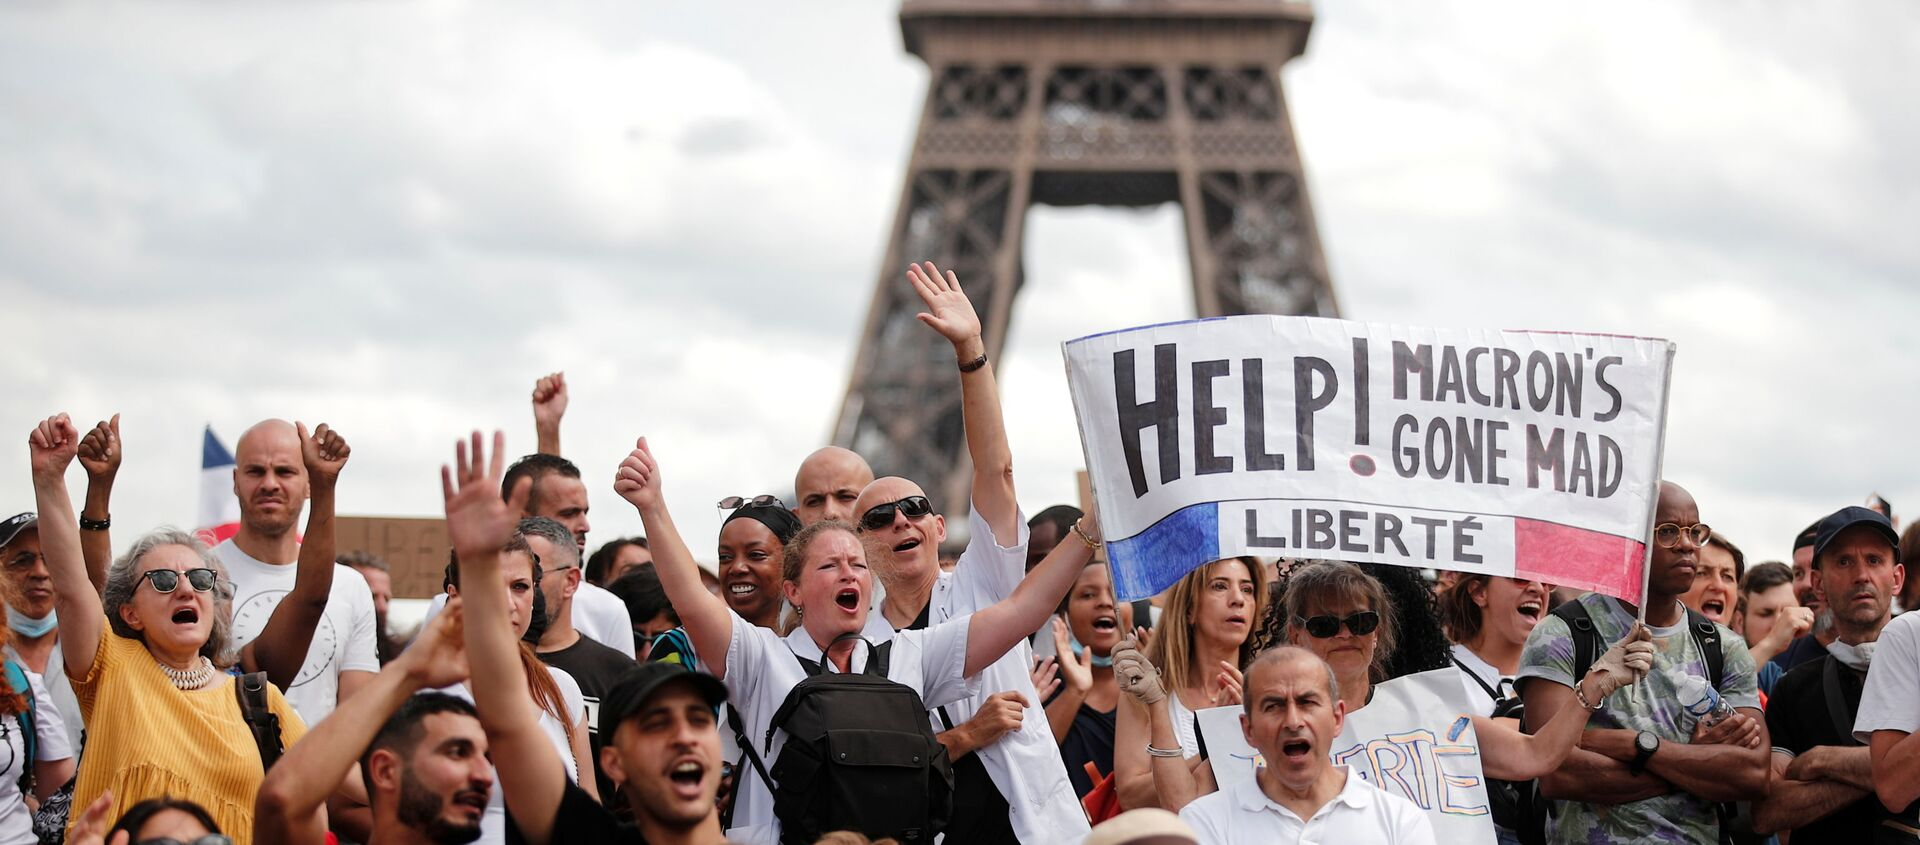 Fransa'da Kovid aşısı-testi durumunu gösteren sağlık kimliği ile sağlık personeline aşı zorunluluğu öngörülmesi, yeni protesto dalgası başlattı. - Sputnik Türkiye, 1920, 25.07.2021